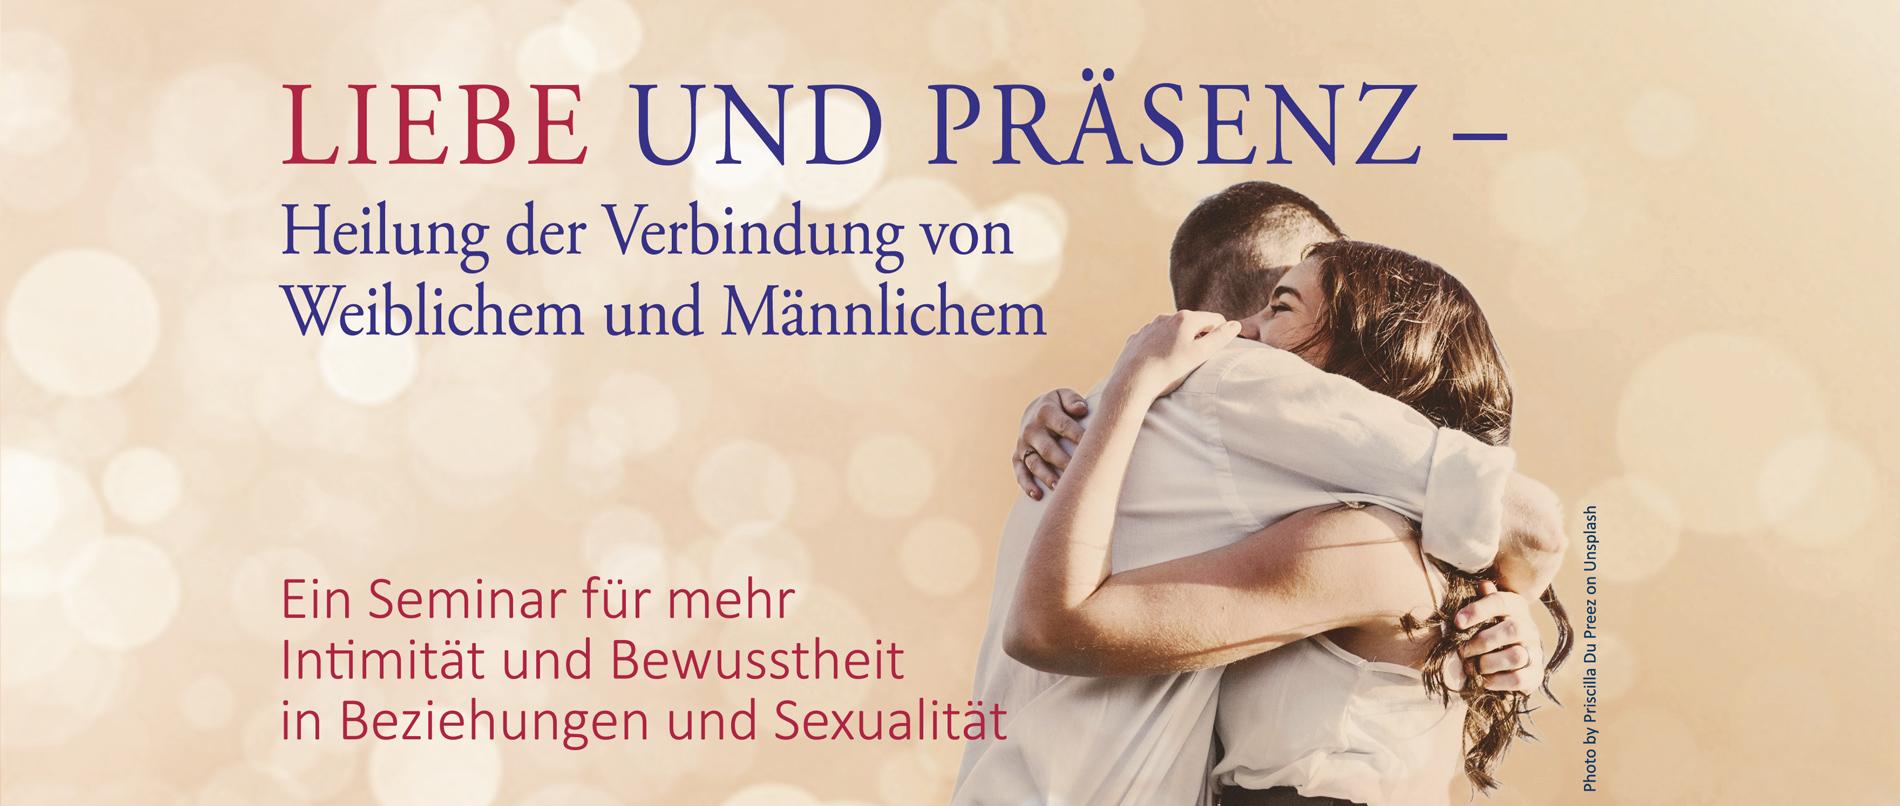 header-banner-Liebe-praesenz-website